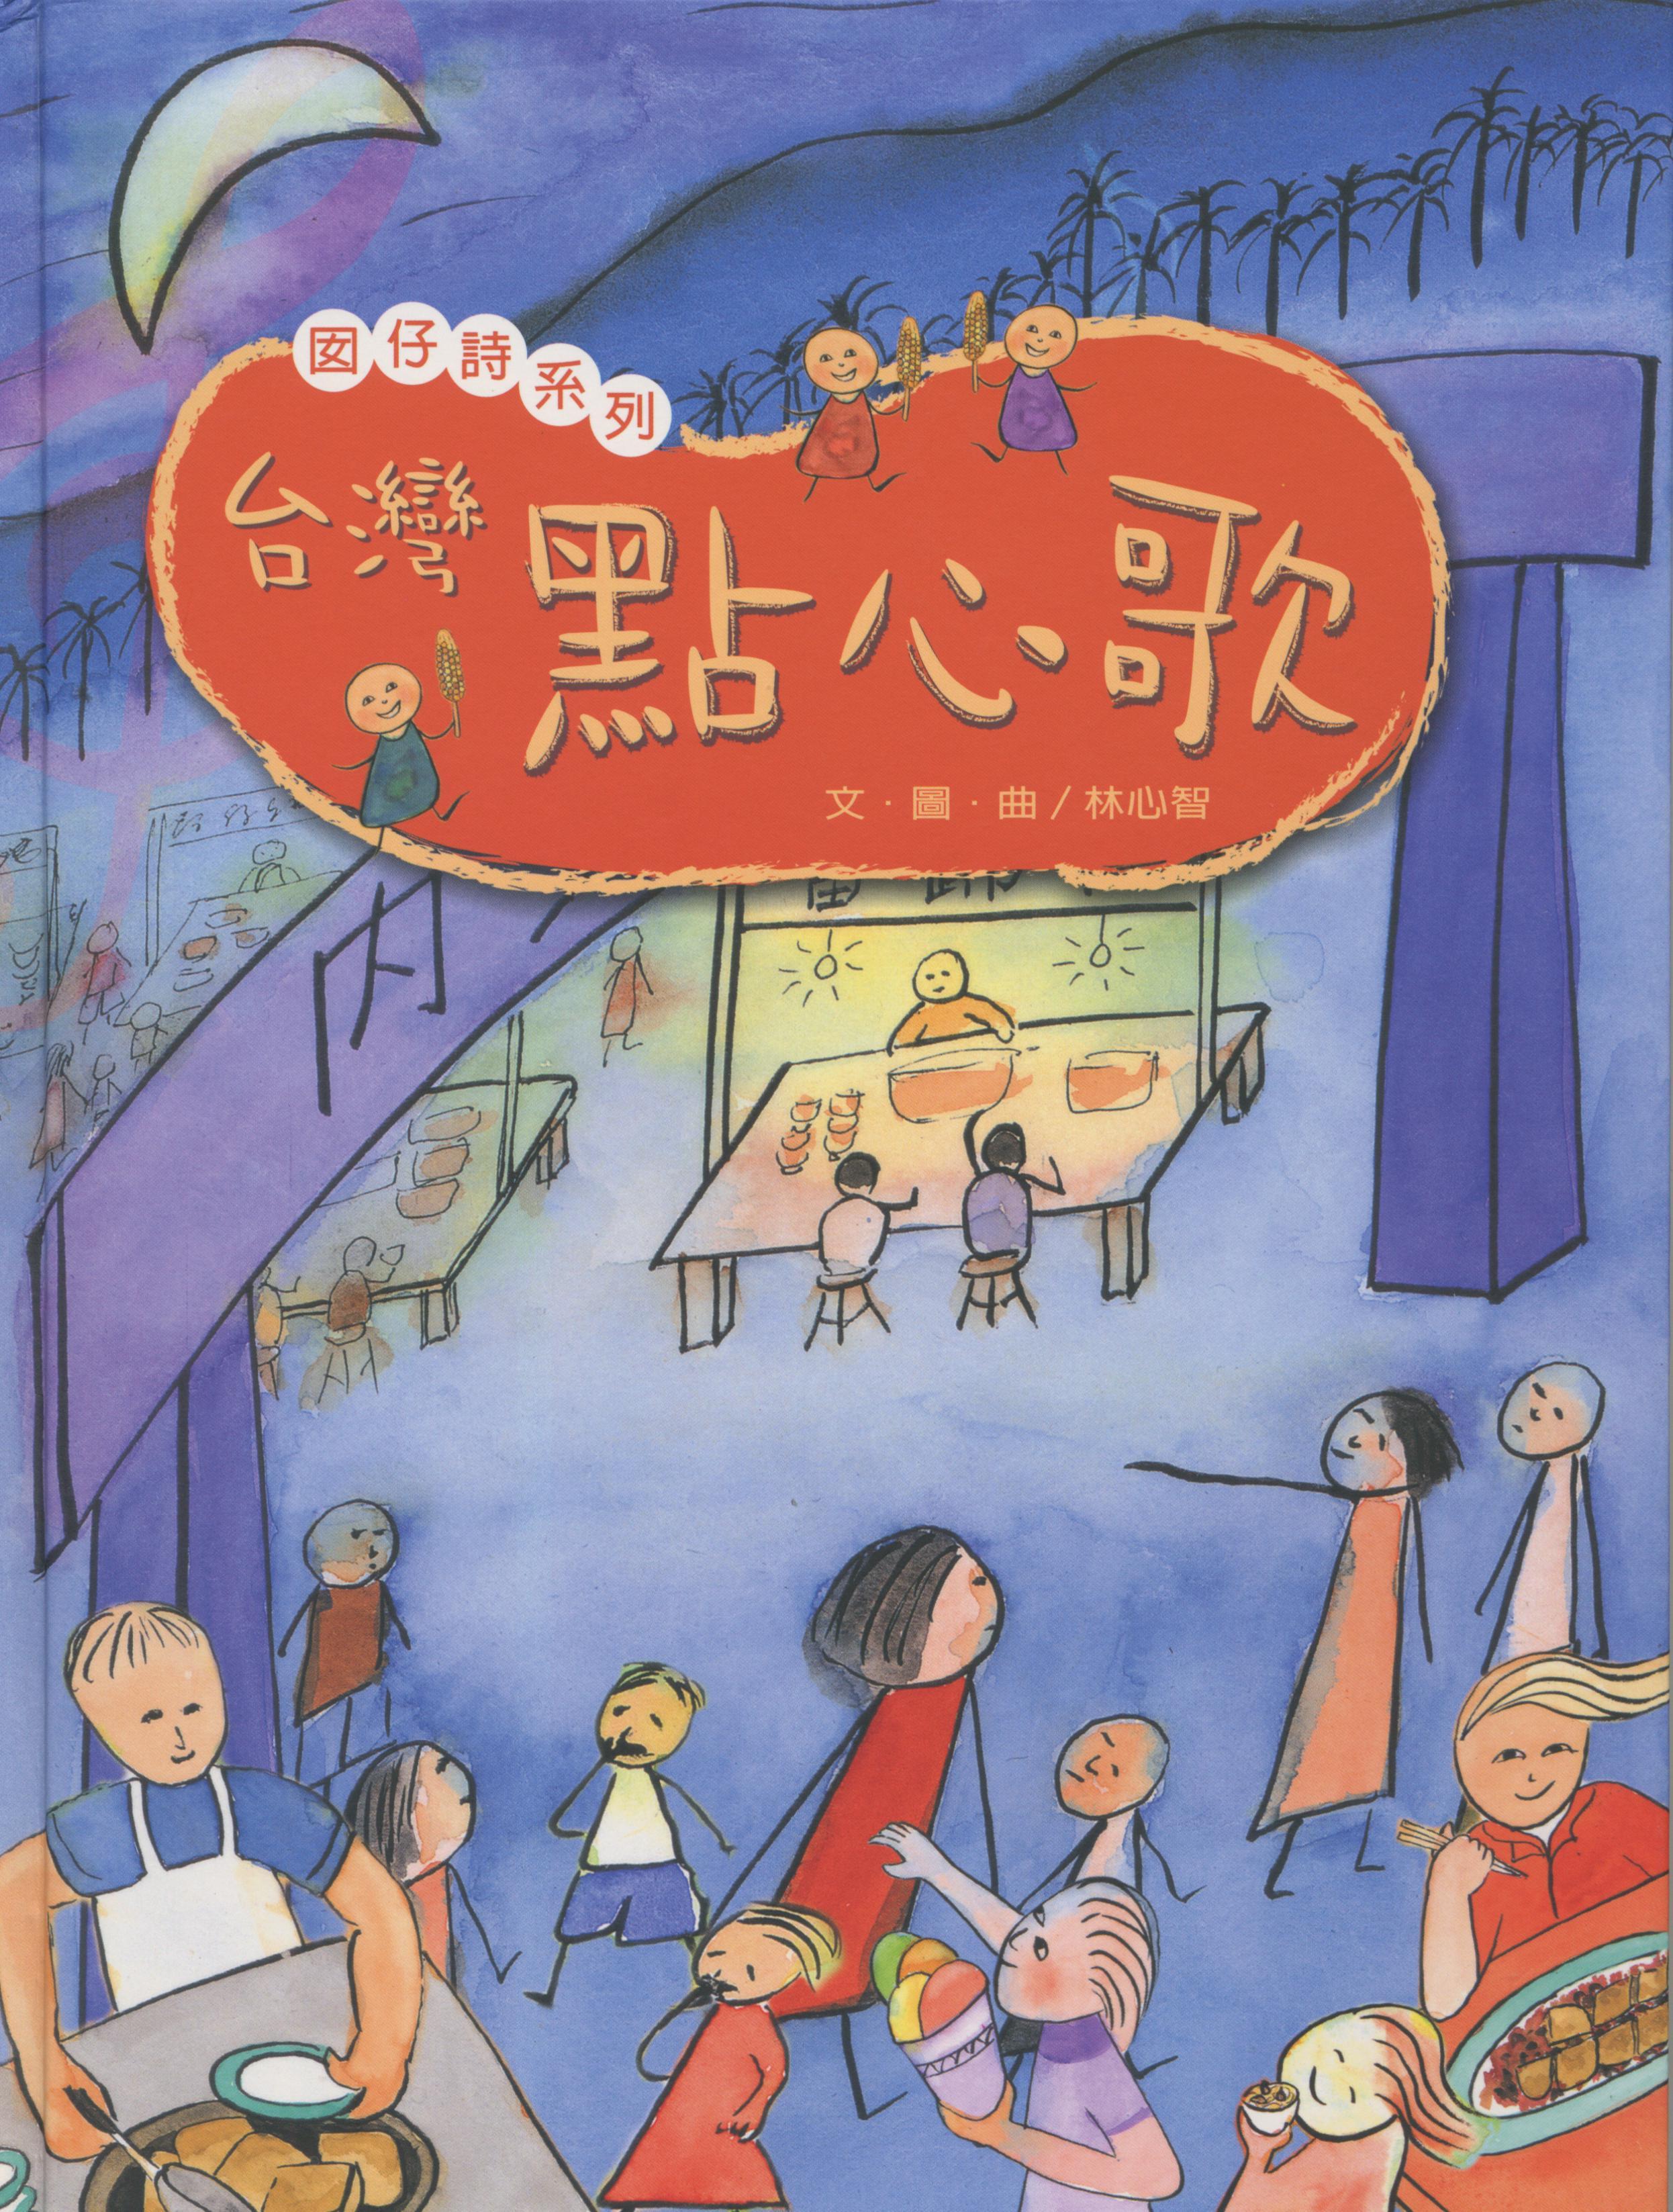 1308. 台灣點心歌/林心智/2008